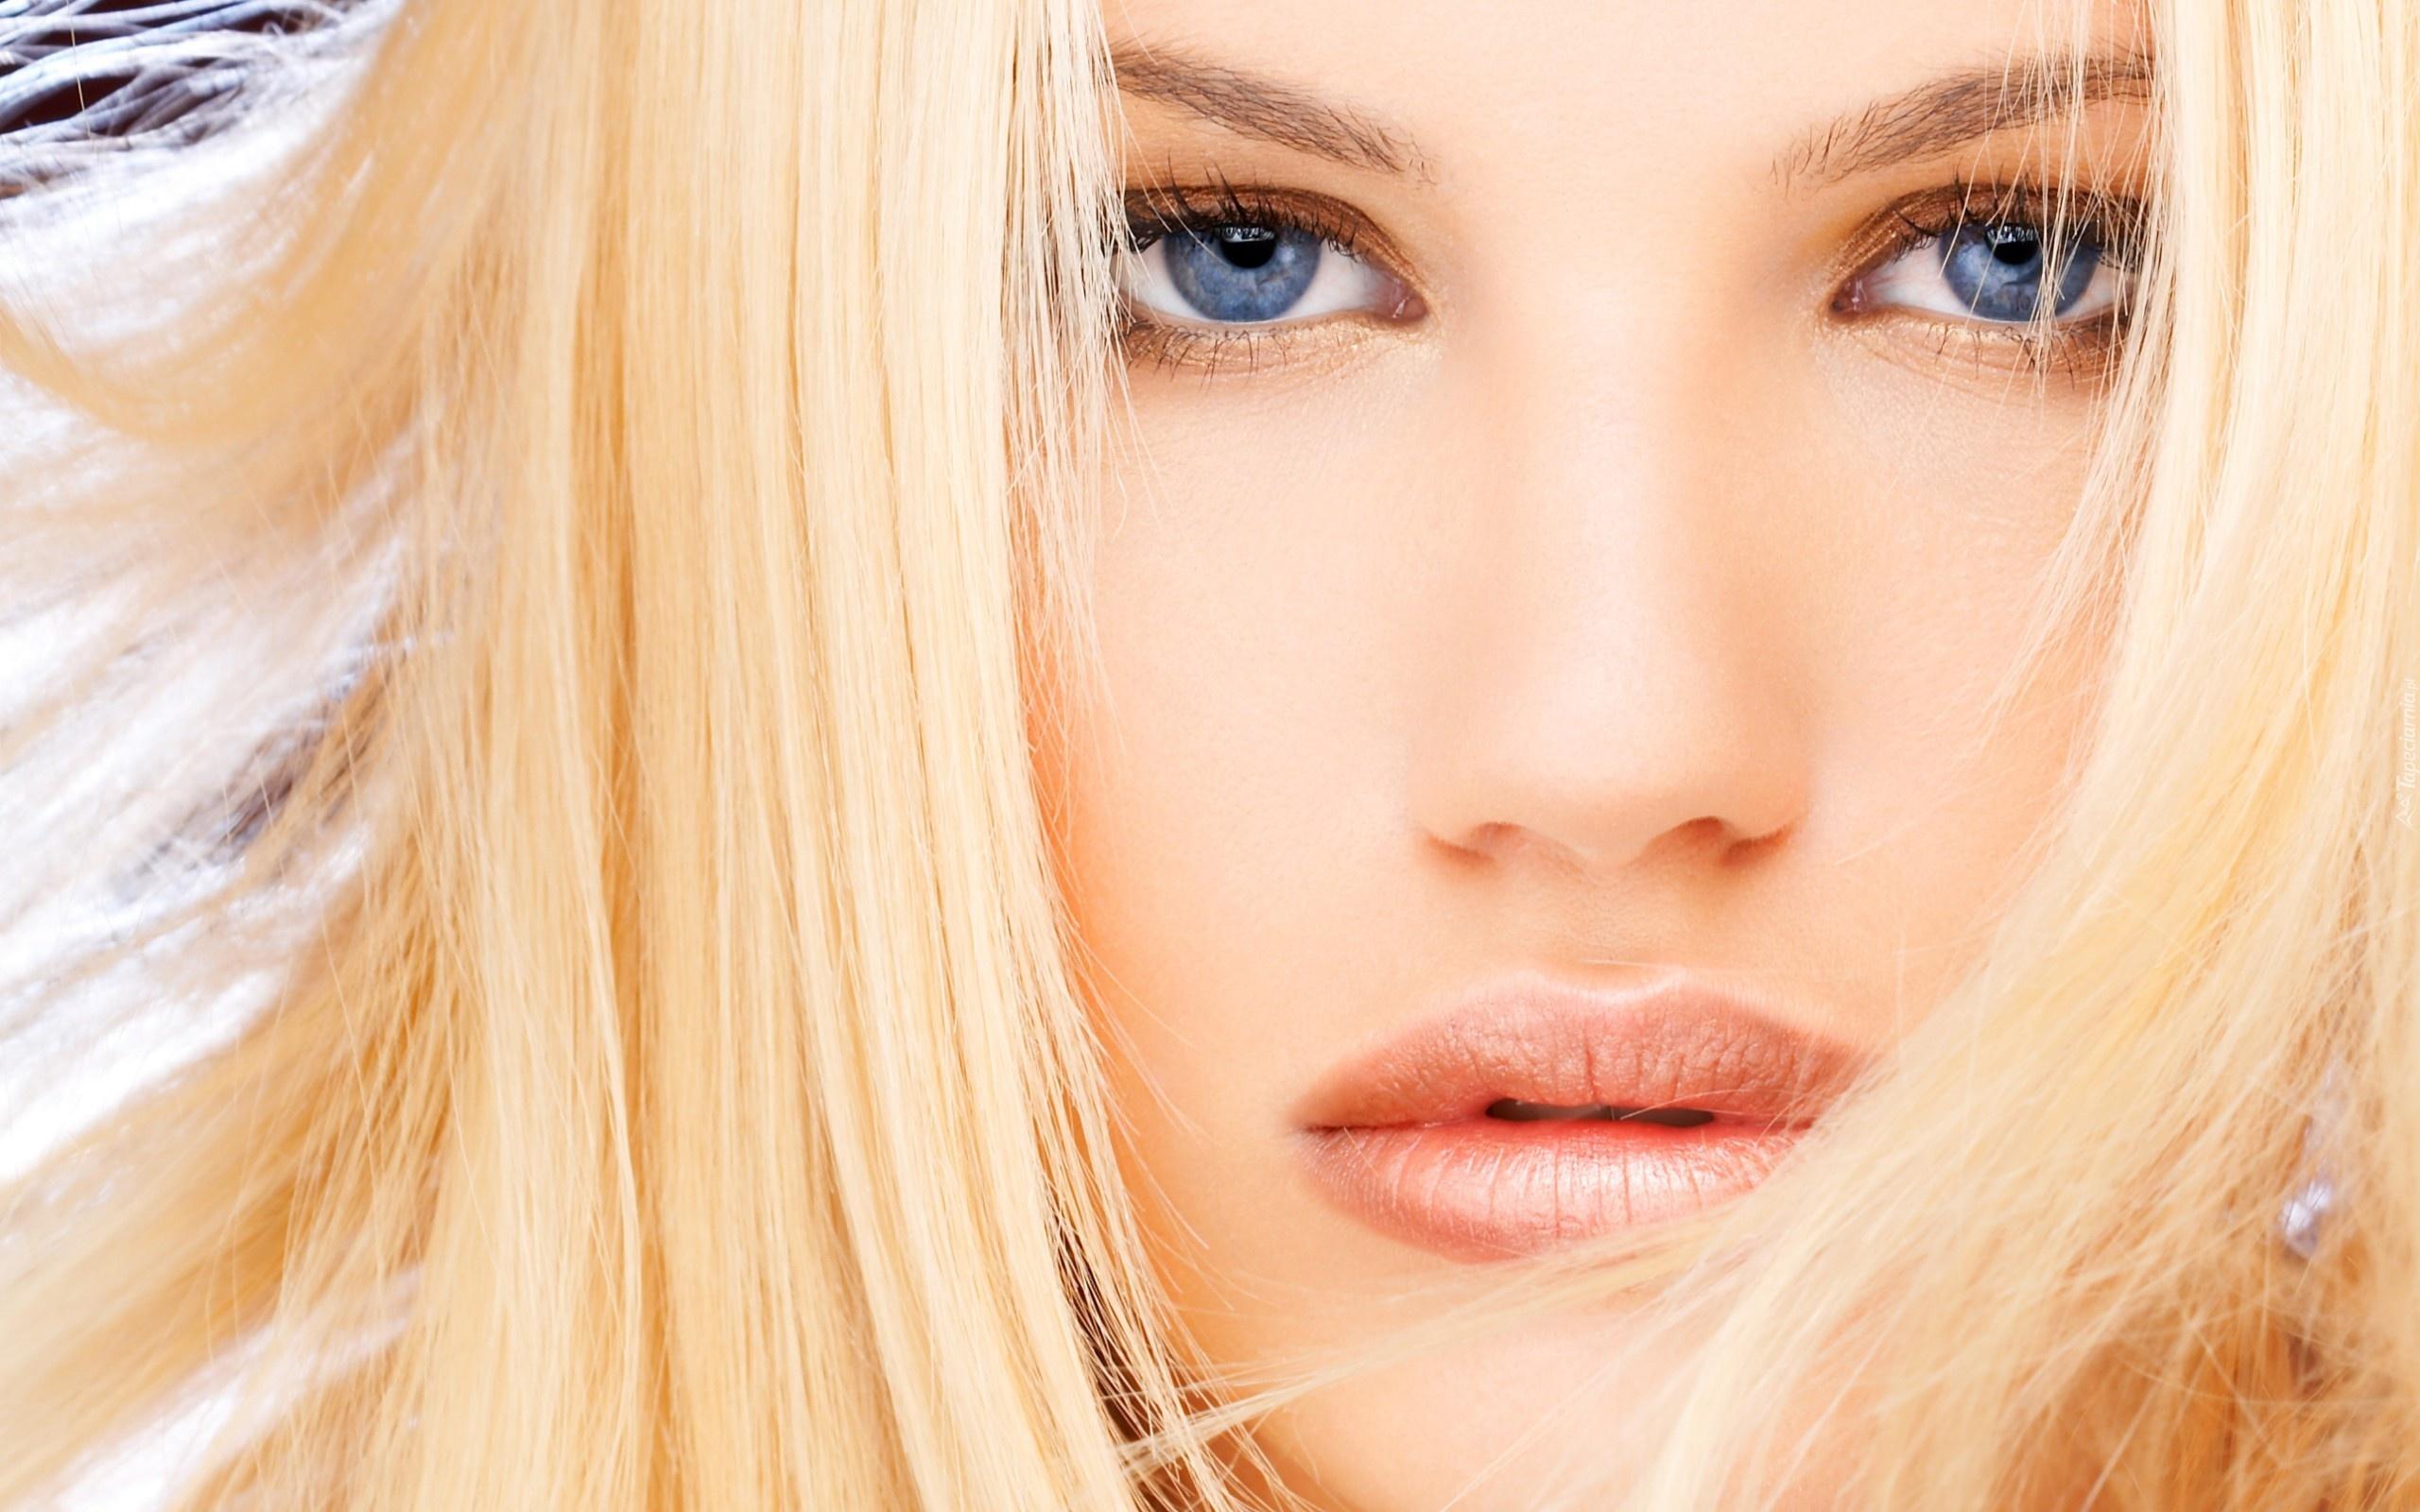 Проверка на блондинку, Тест: Идеальная блондинка это - психологический 1 фотография